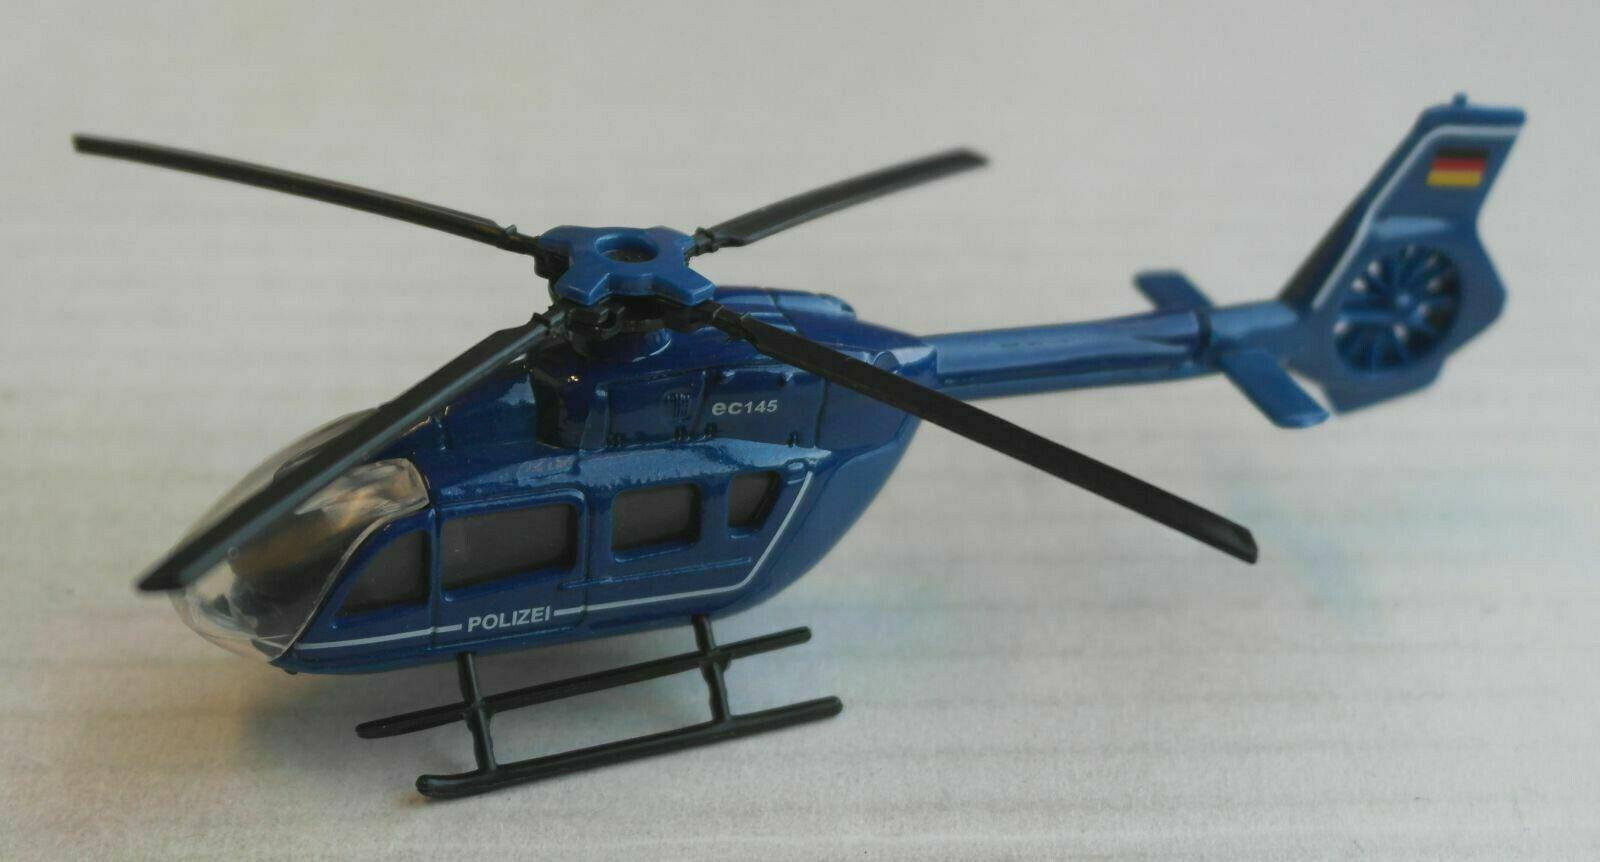 Majorette Eurocopter EC145 Hubschrauber Helicopter blau POLIZEI German Police